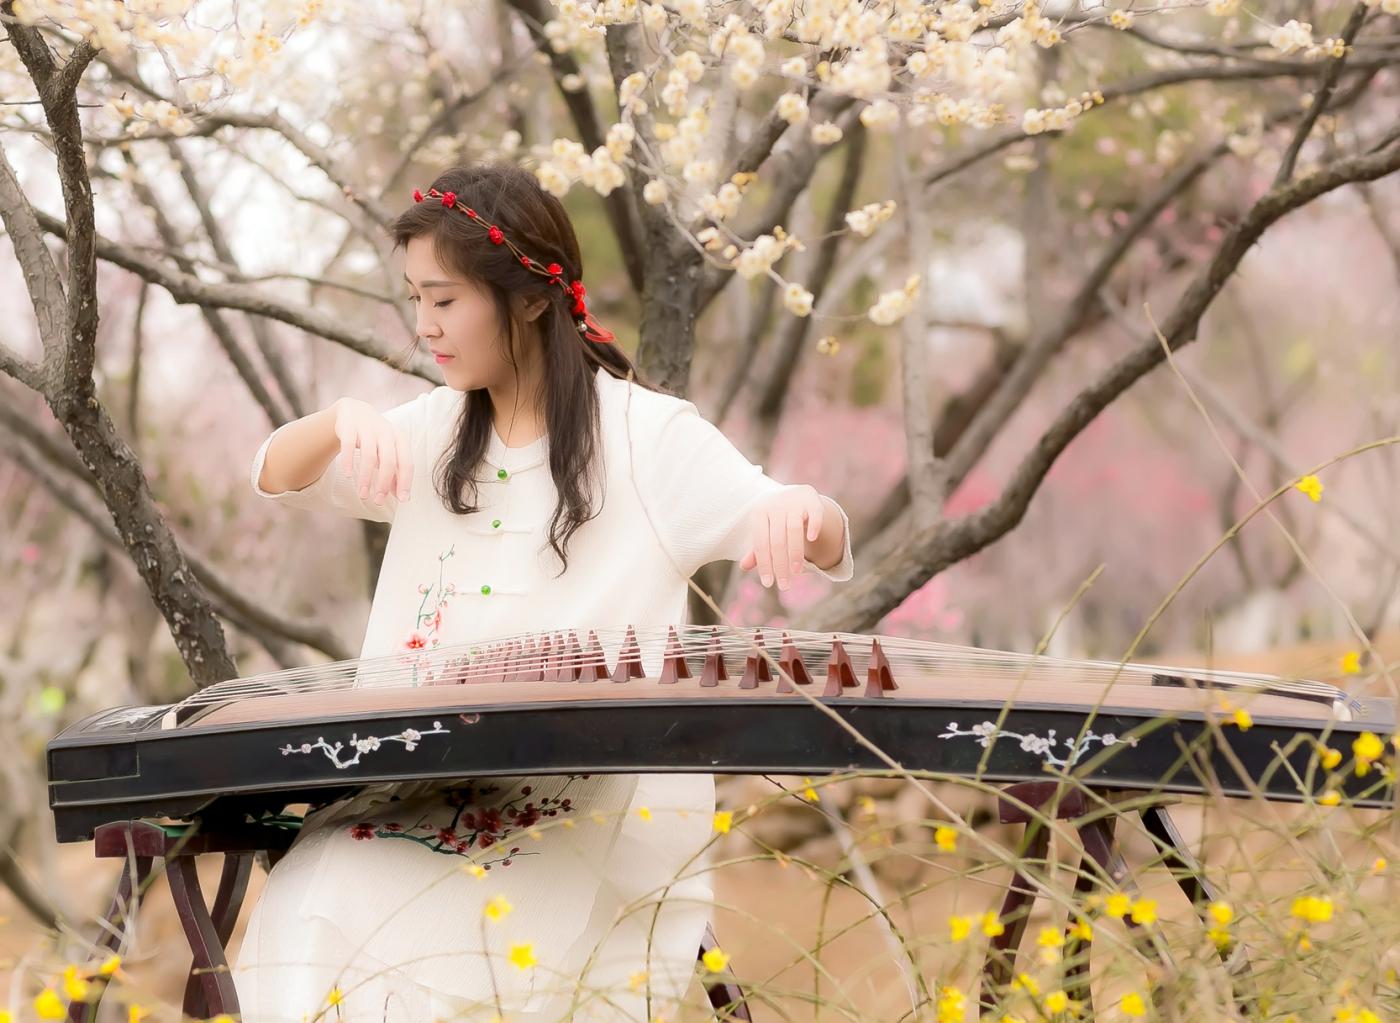 沂水雪山梅园走来一群赏梅踏春的沂蒙女孩 摄影人和女孩们成为梅园一道亮丽的风景线 ..._图1-15